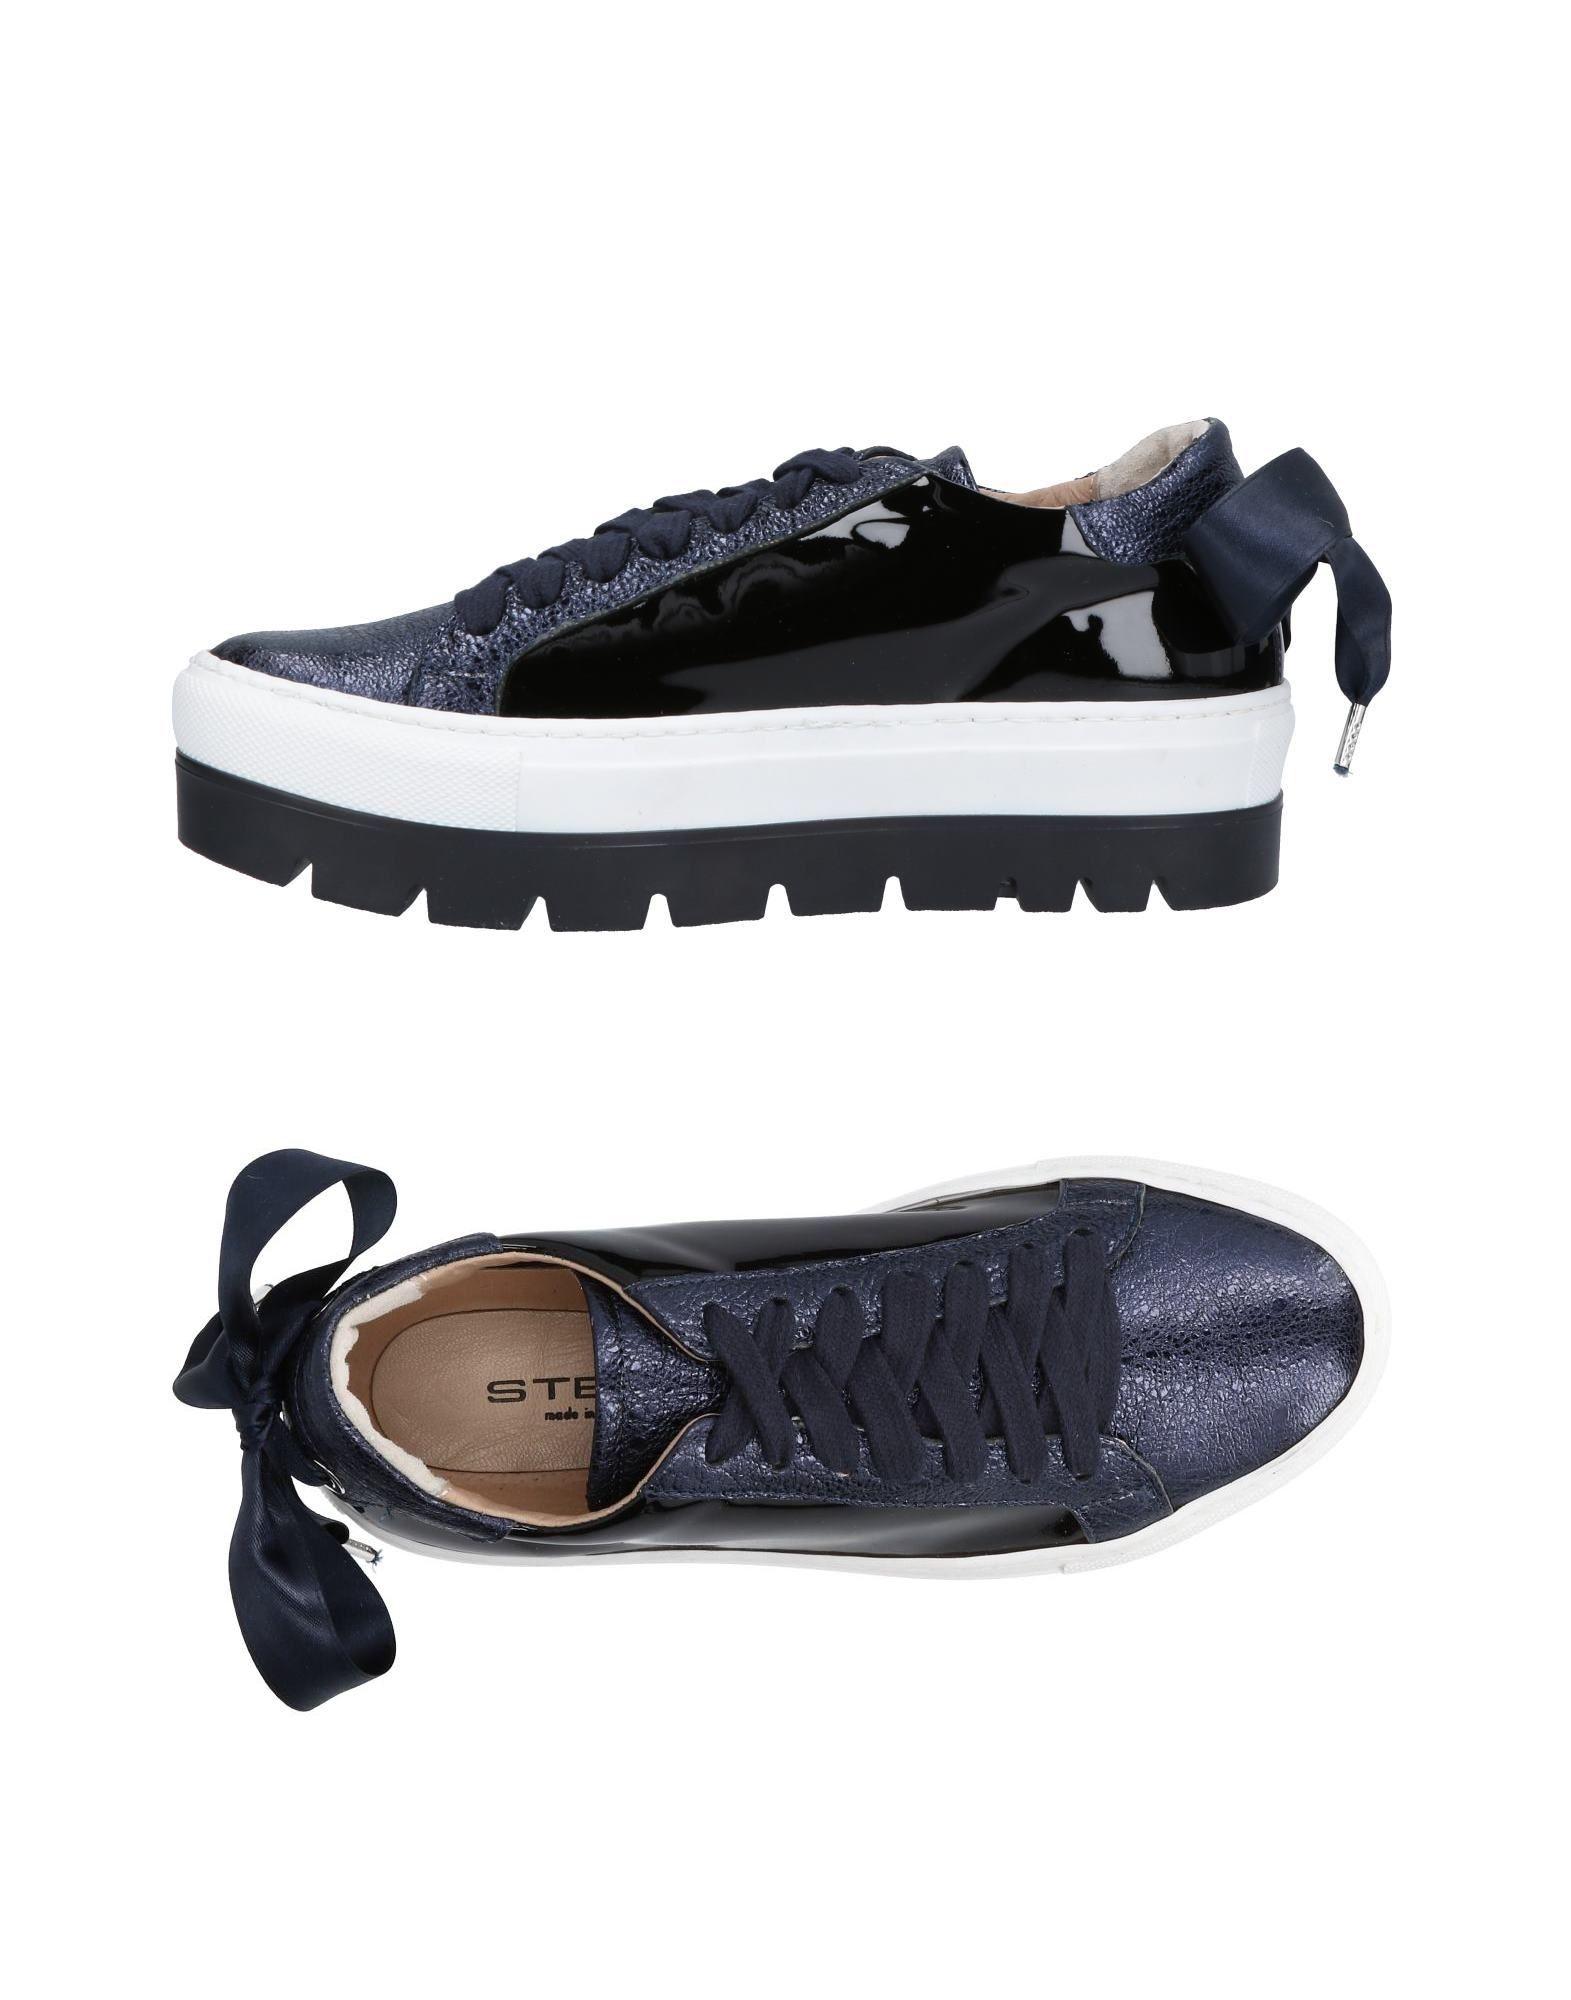 Moda Sneakers Stele Donna - 11469304FG